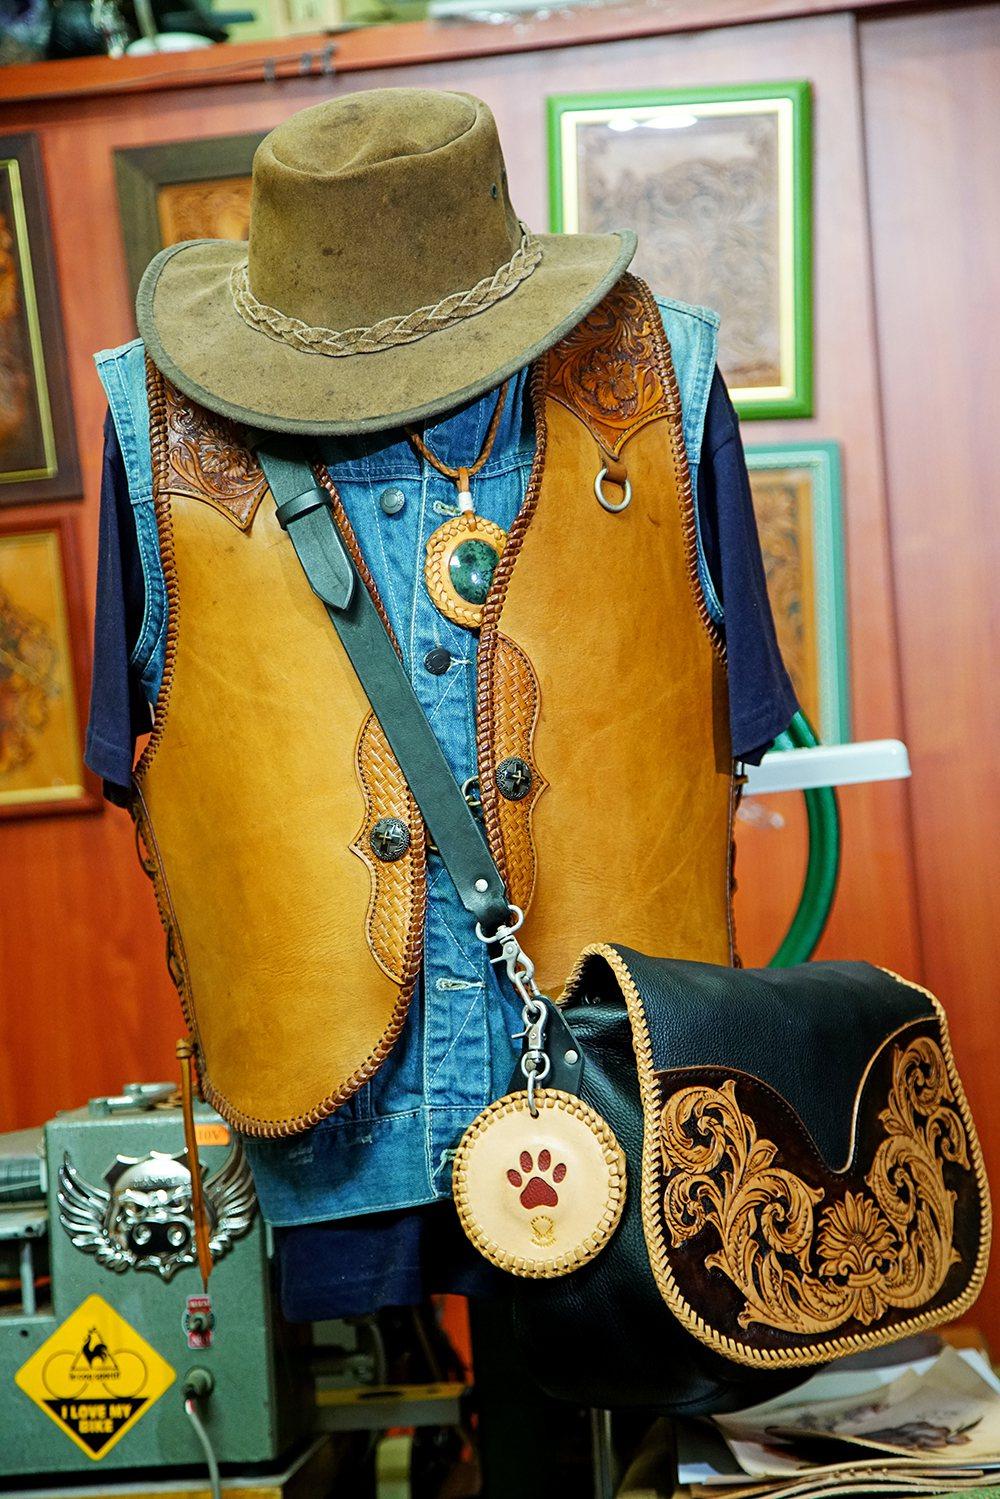 美国西部牛仔一身马鞍革,是袁子杰最喜爱的个性衣品。 (摄影/曾信耀)